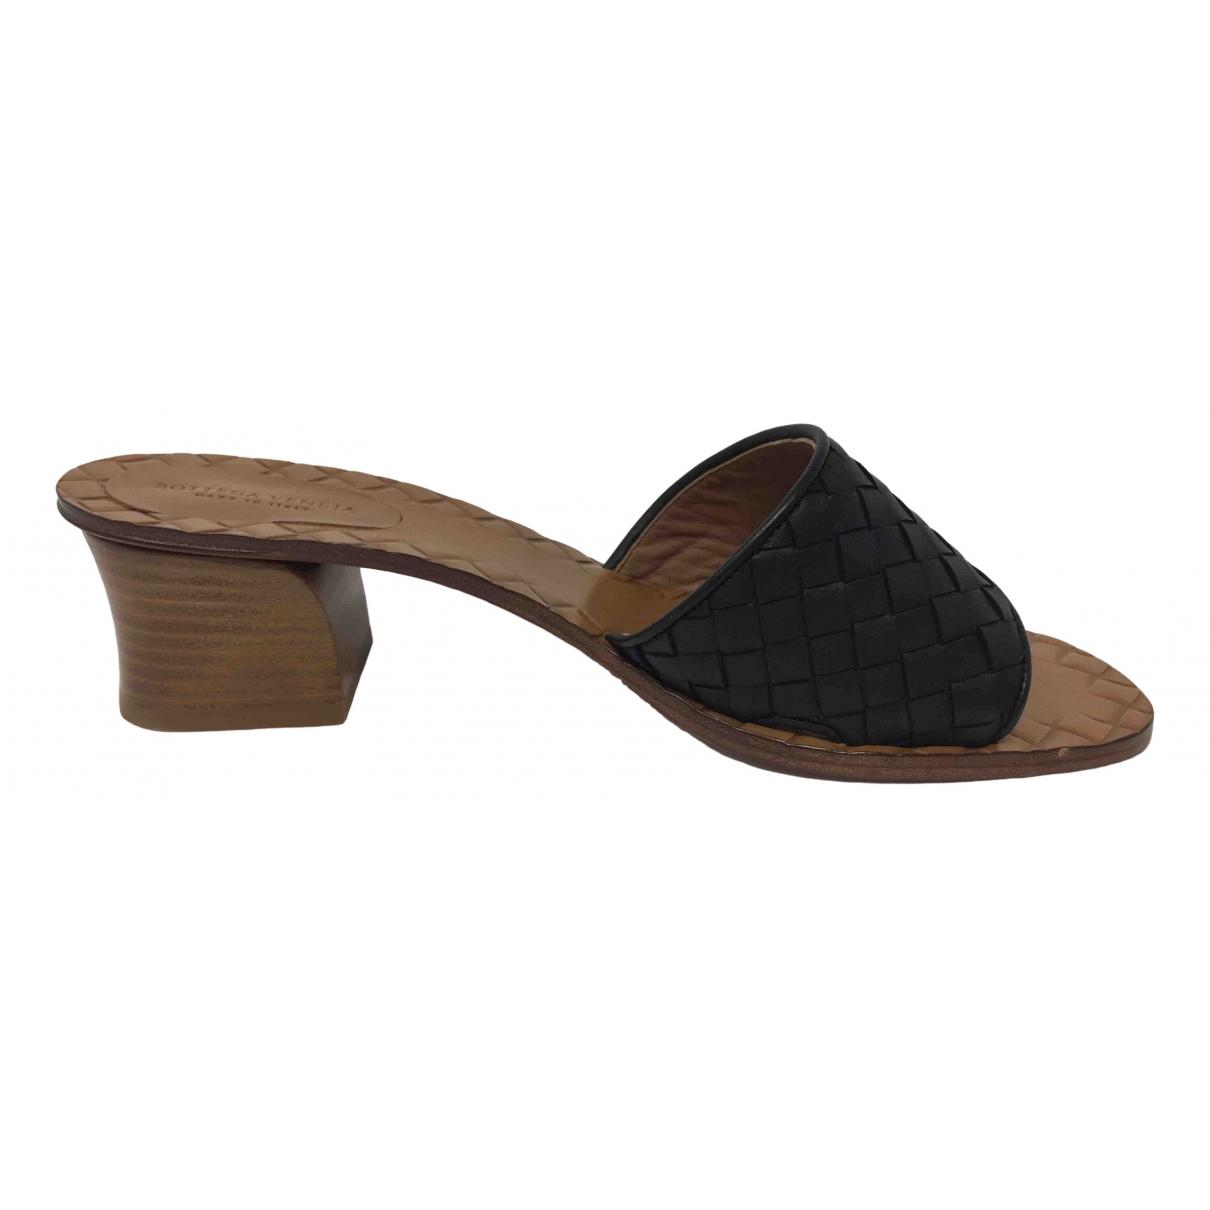 Bottega Veneta - Sandales   pour femme en cuir - noir